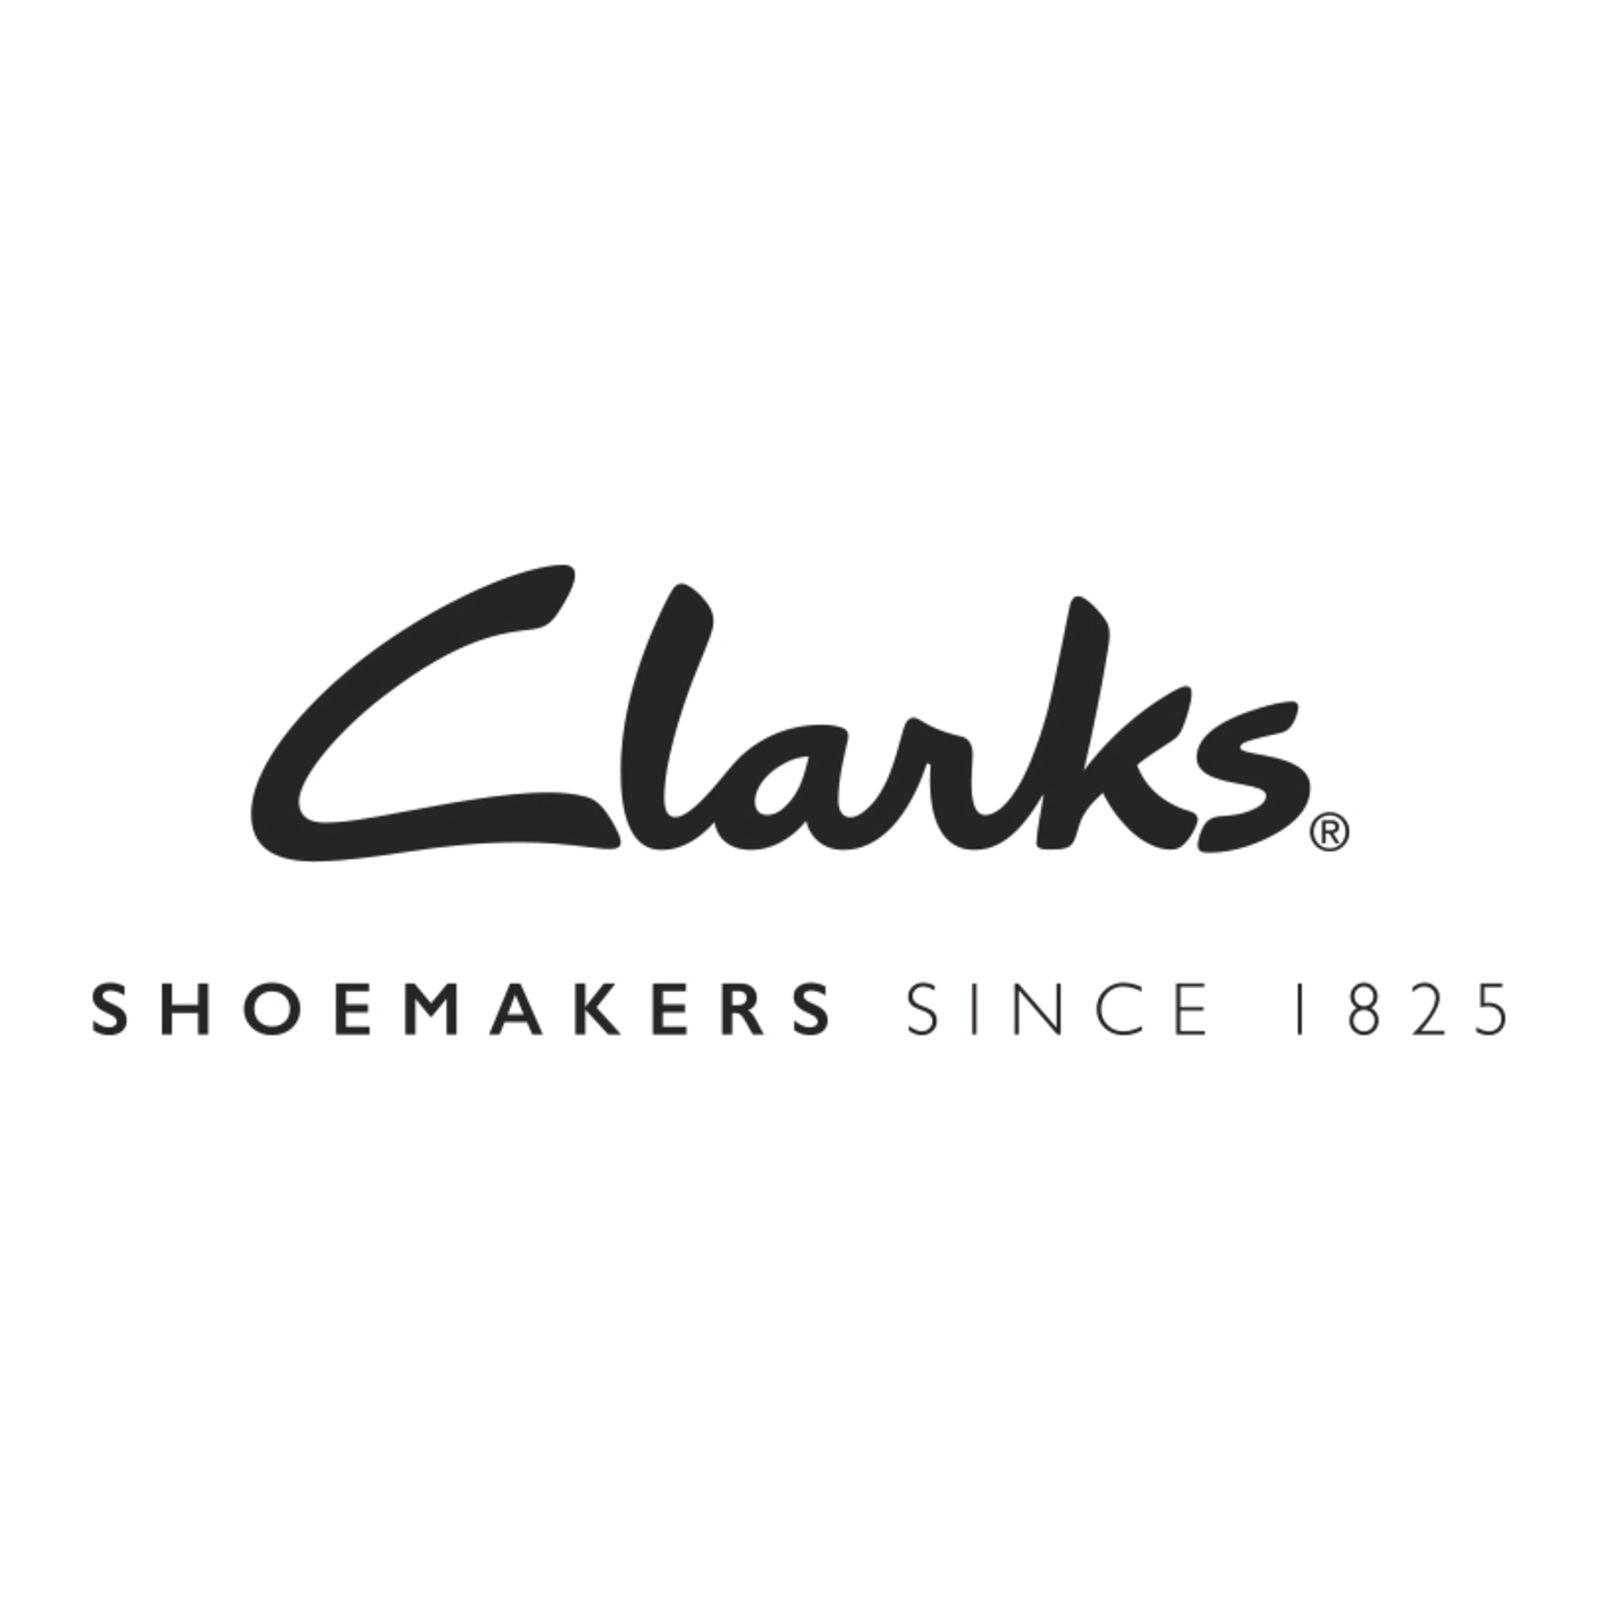 Clarks (Bild 1)